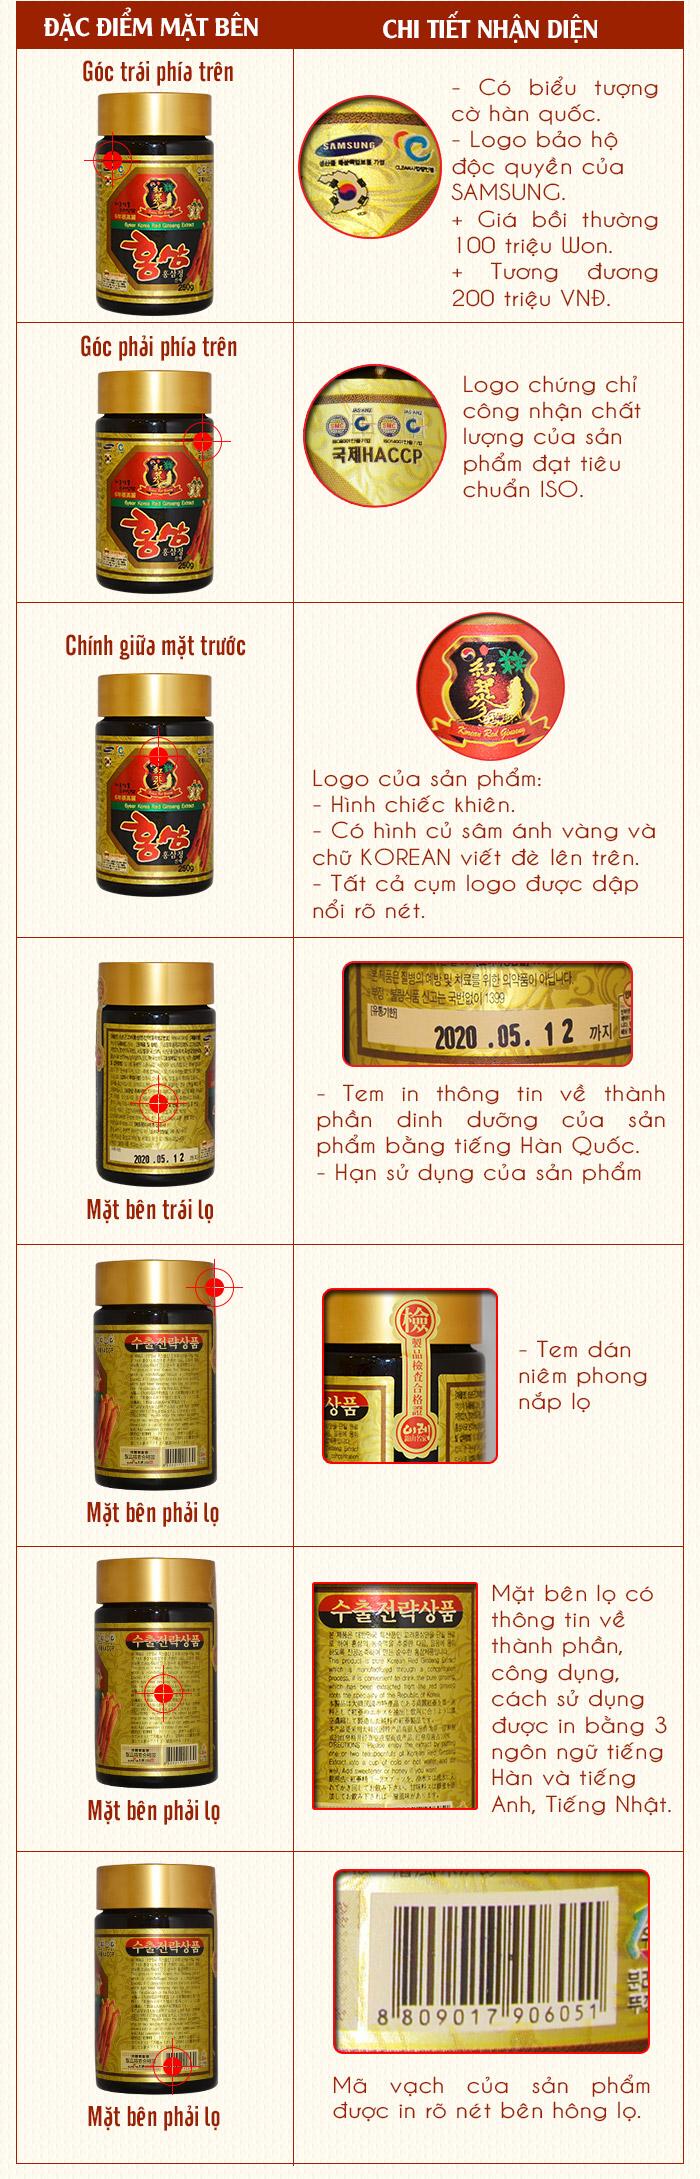 cao-hong-sam-6-nam-tuoi-han-quoc-1 (1)